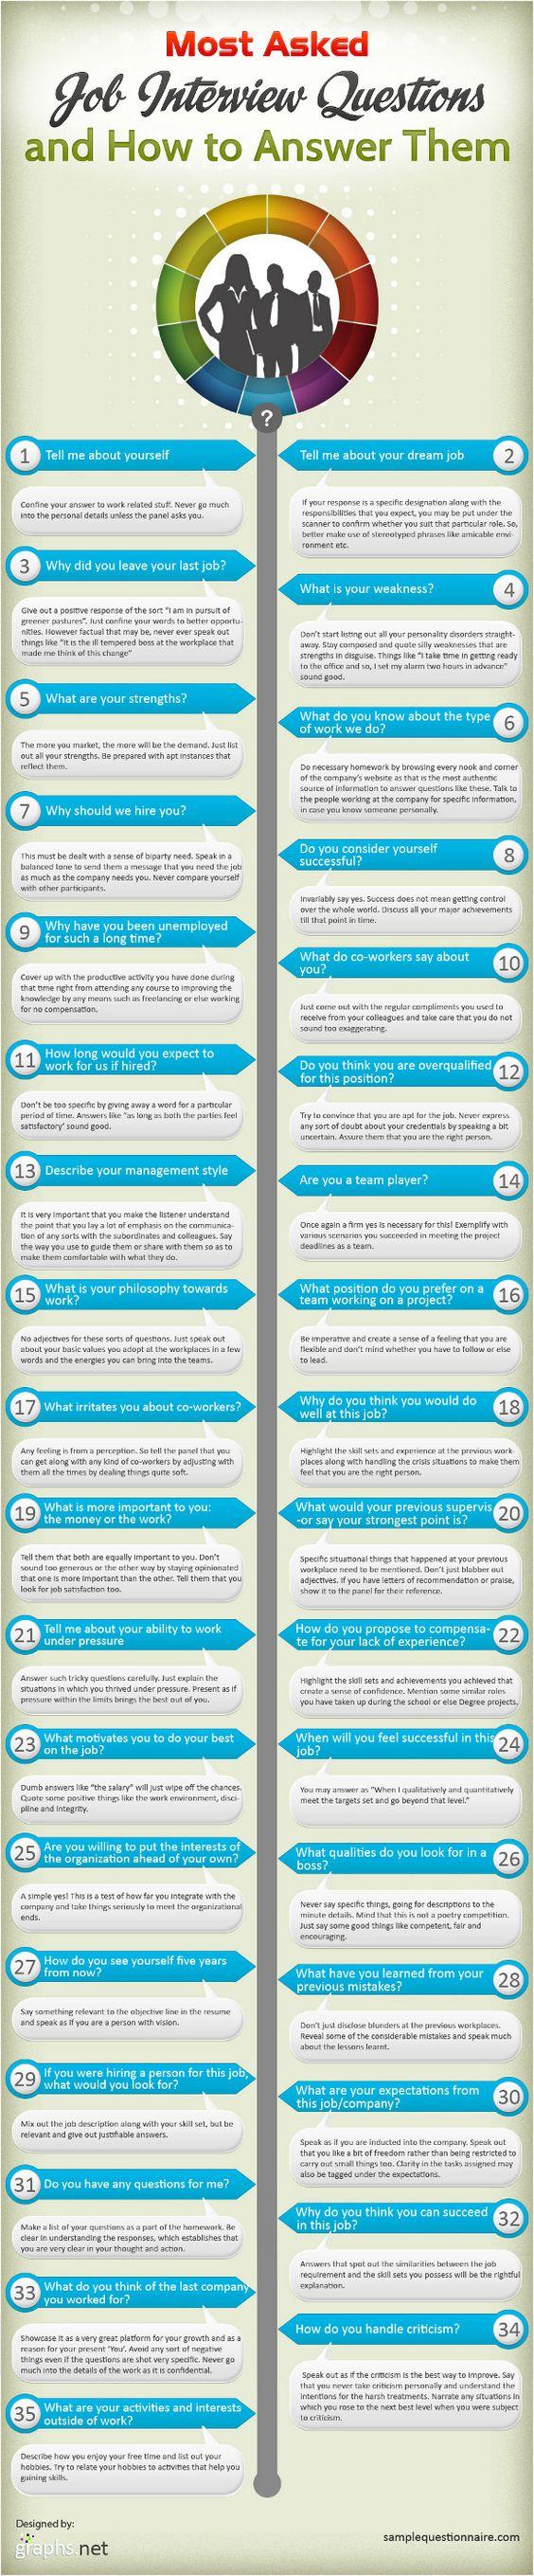 Comment répondre aux 35 questions les plus fréquentes en entretien ? - Mode(s) d'emploi, toute l'actualité du recrutement